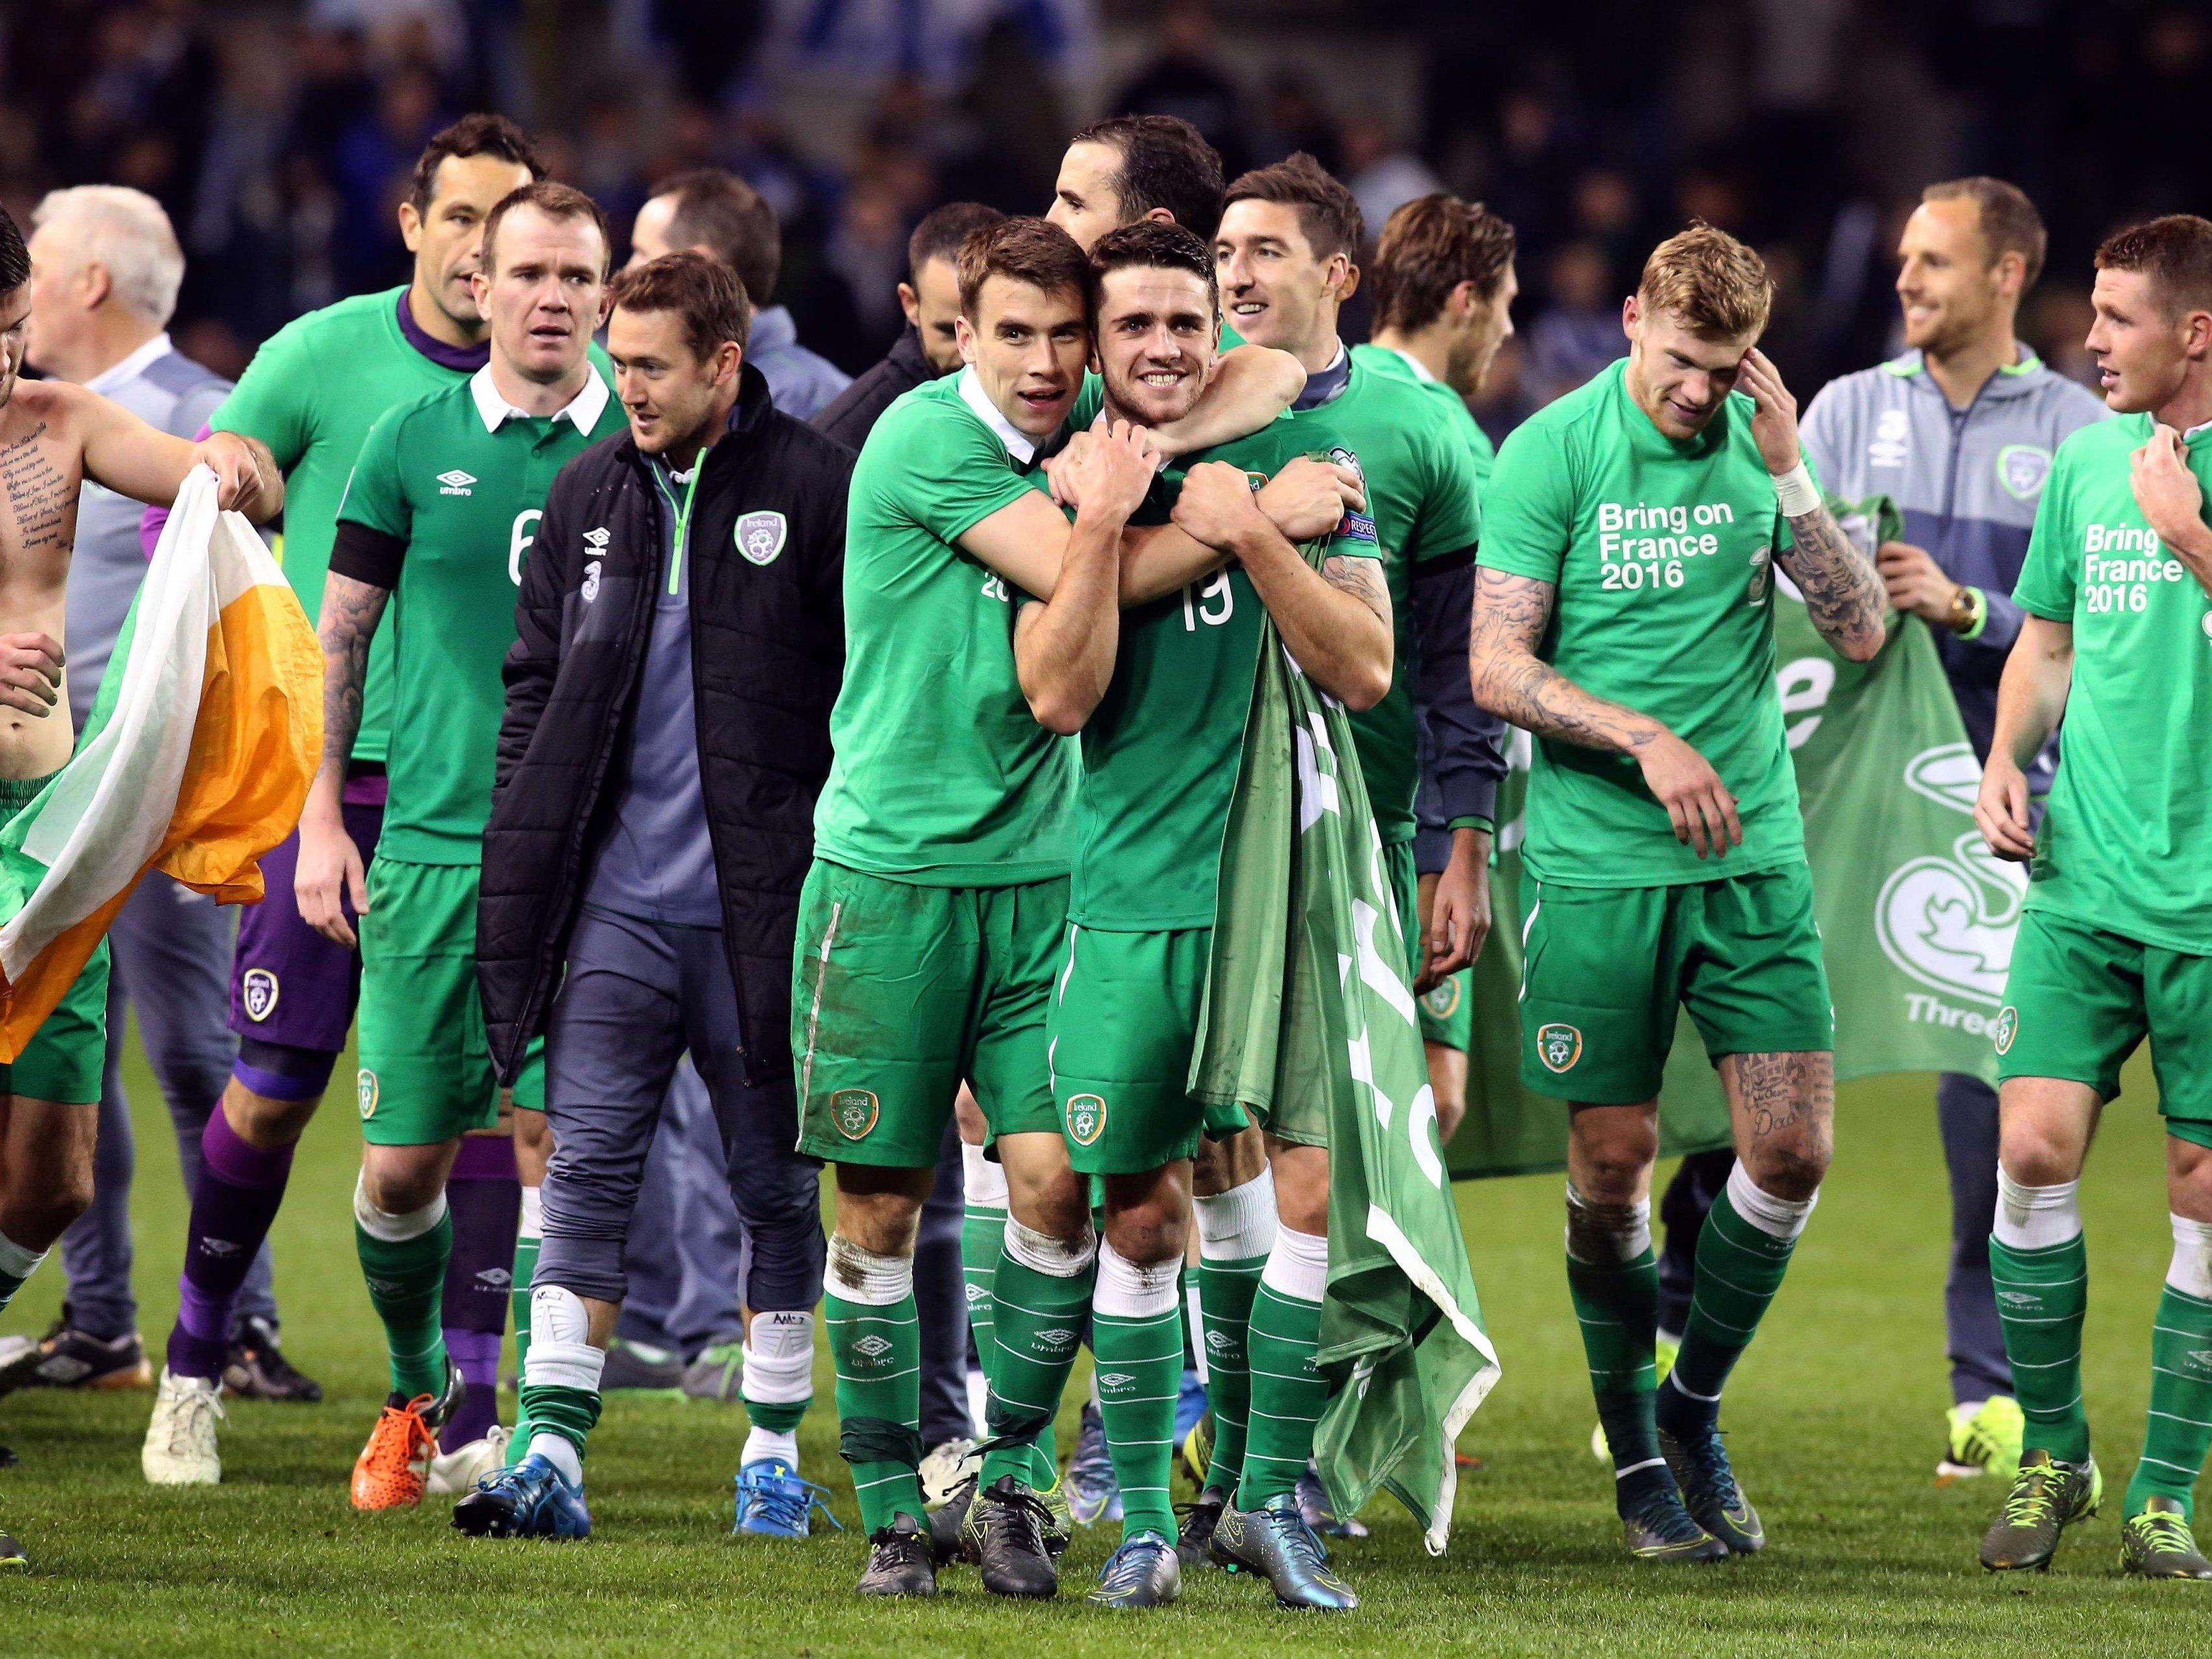 Irland ist bei der EM in Frankreich 2016 dabei.